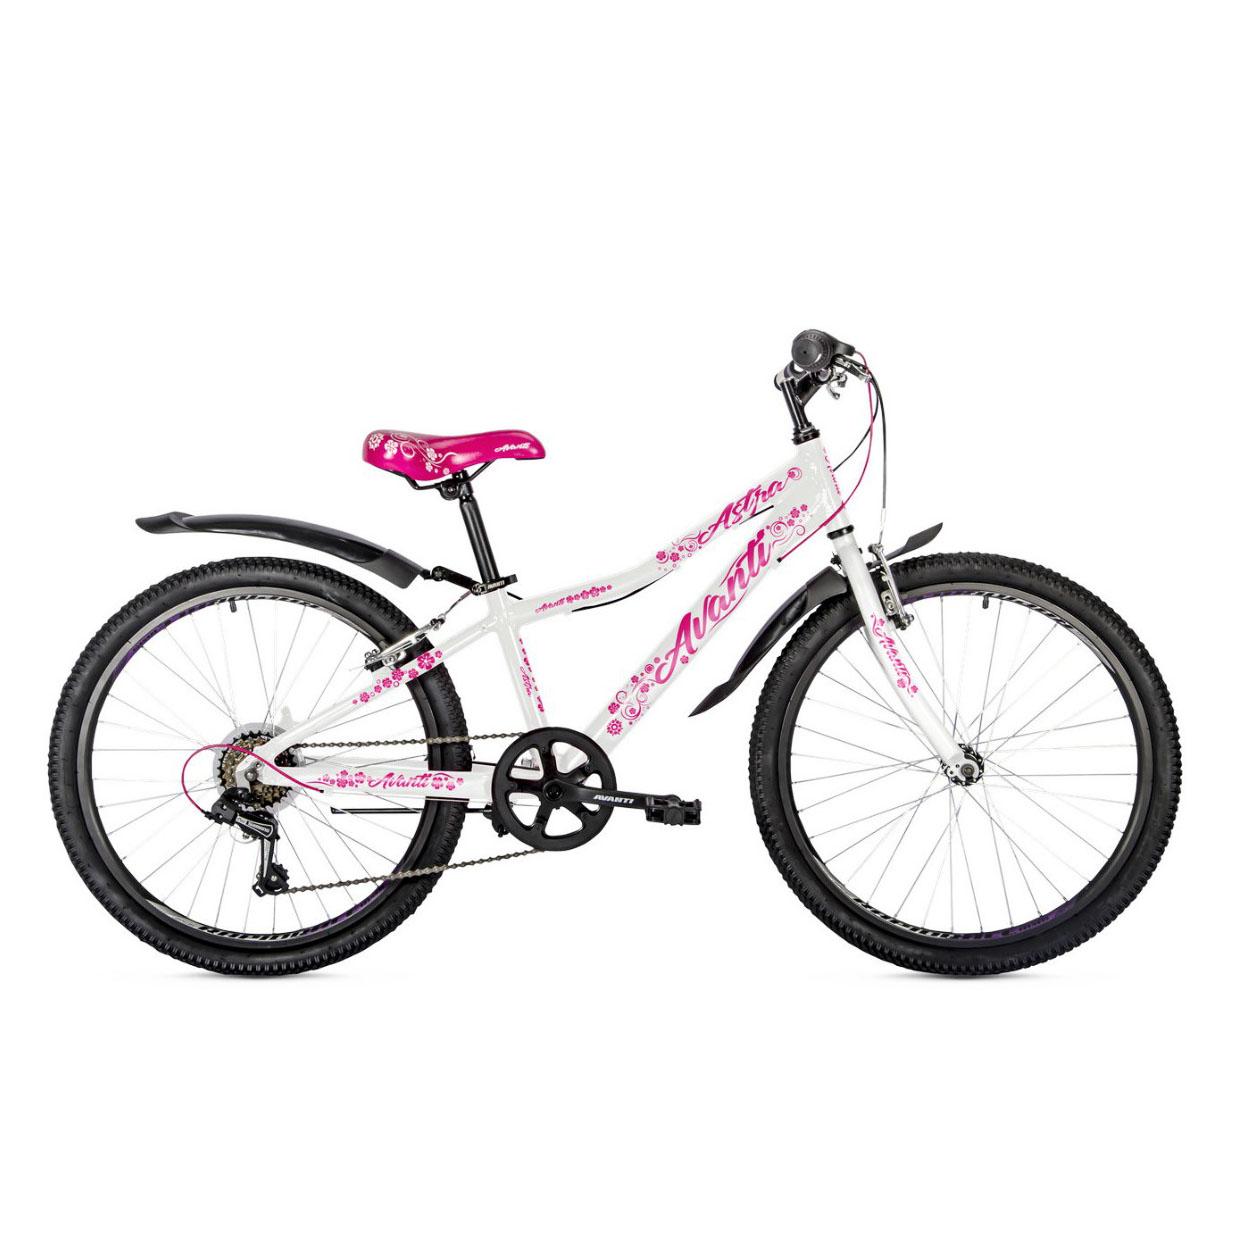 Фото Подростковый Велосипед 24 Avanti Jasmine 2018 бело-розовый